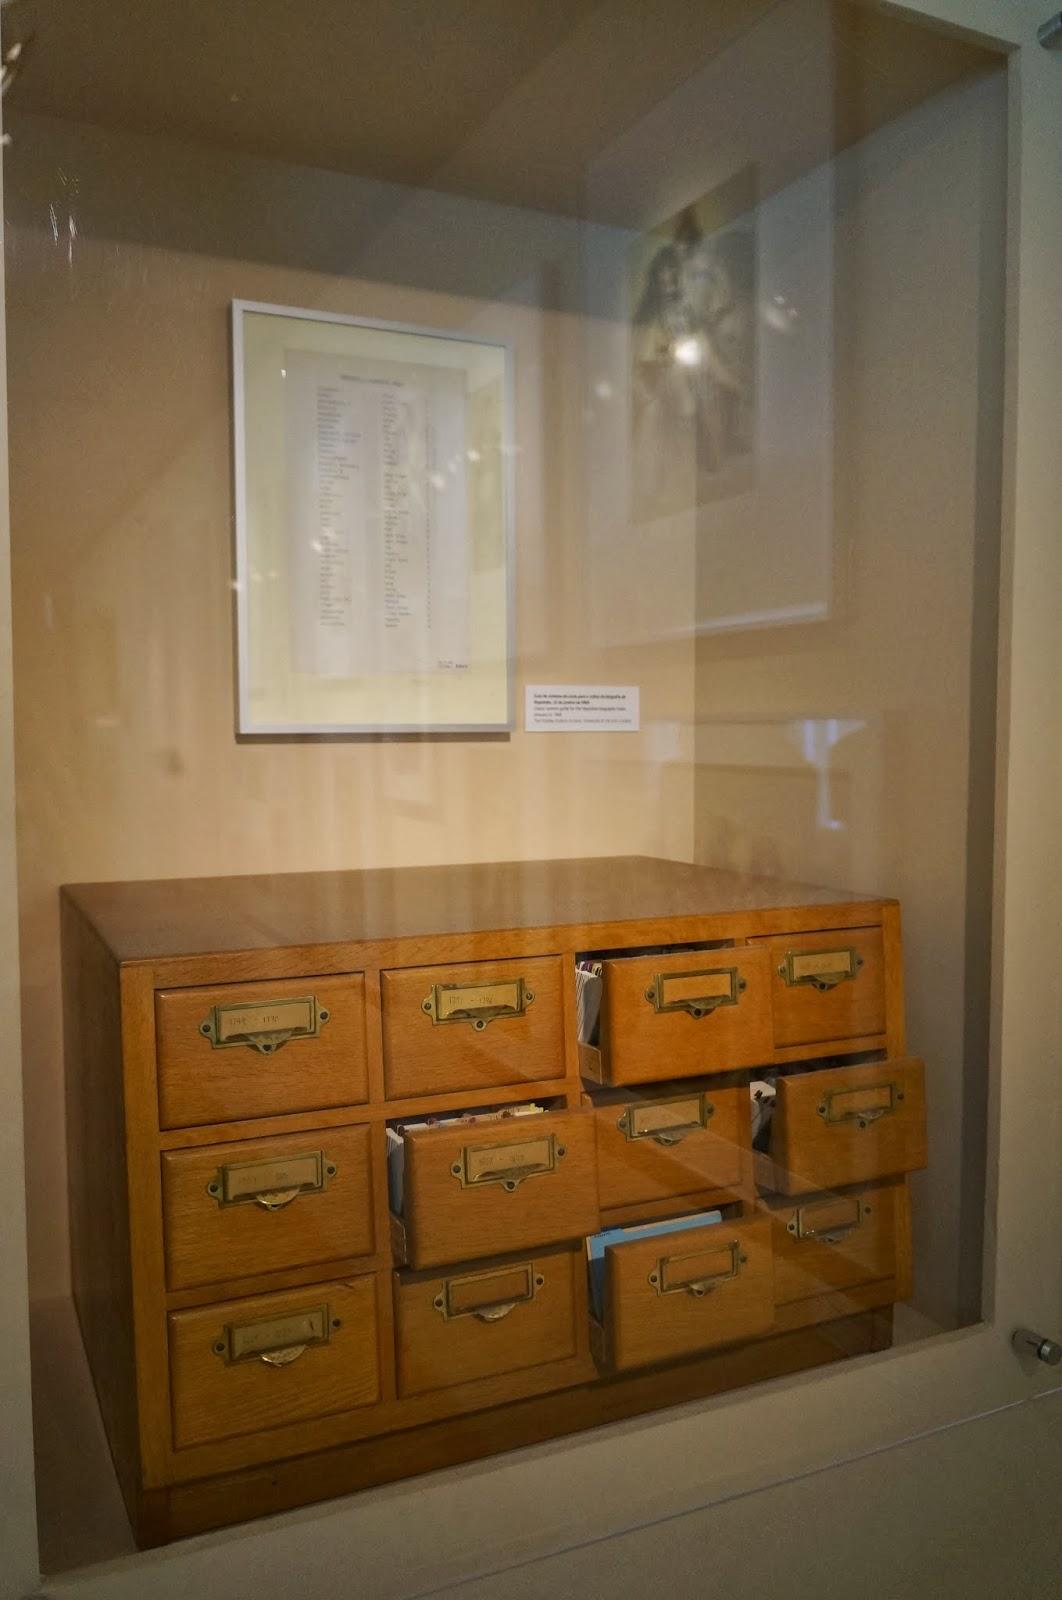 armário-arquivo com informações sobre Napoleão Bonaparte - Stanley Kubrick - MIS - SP